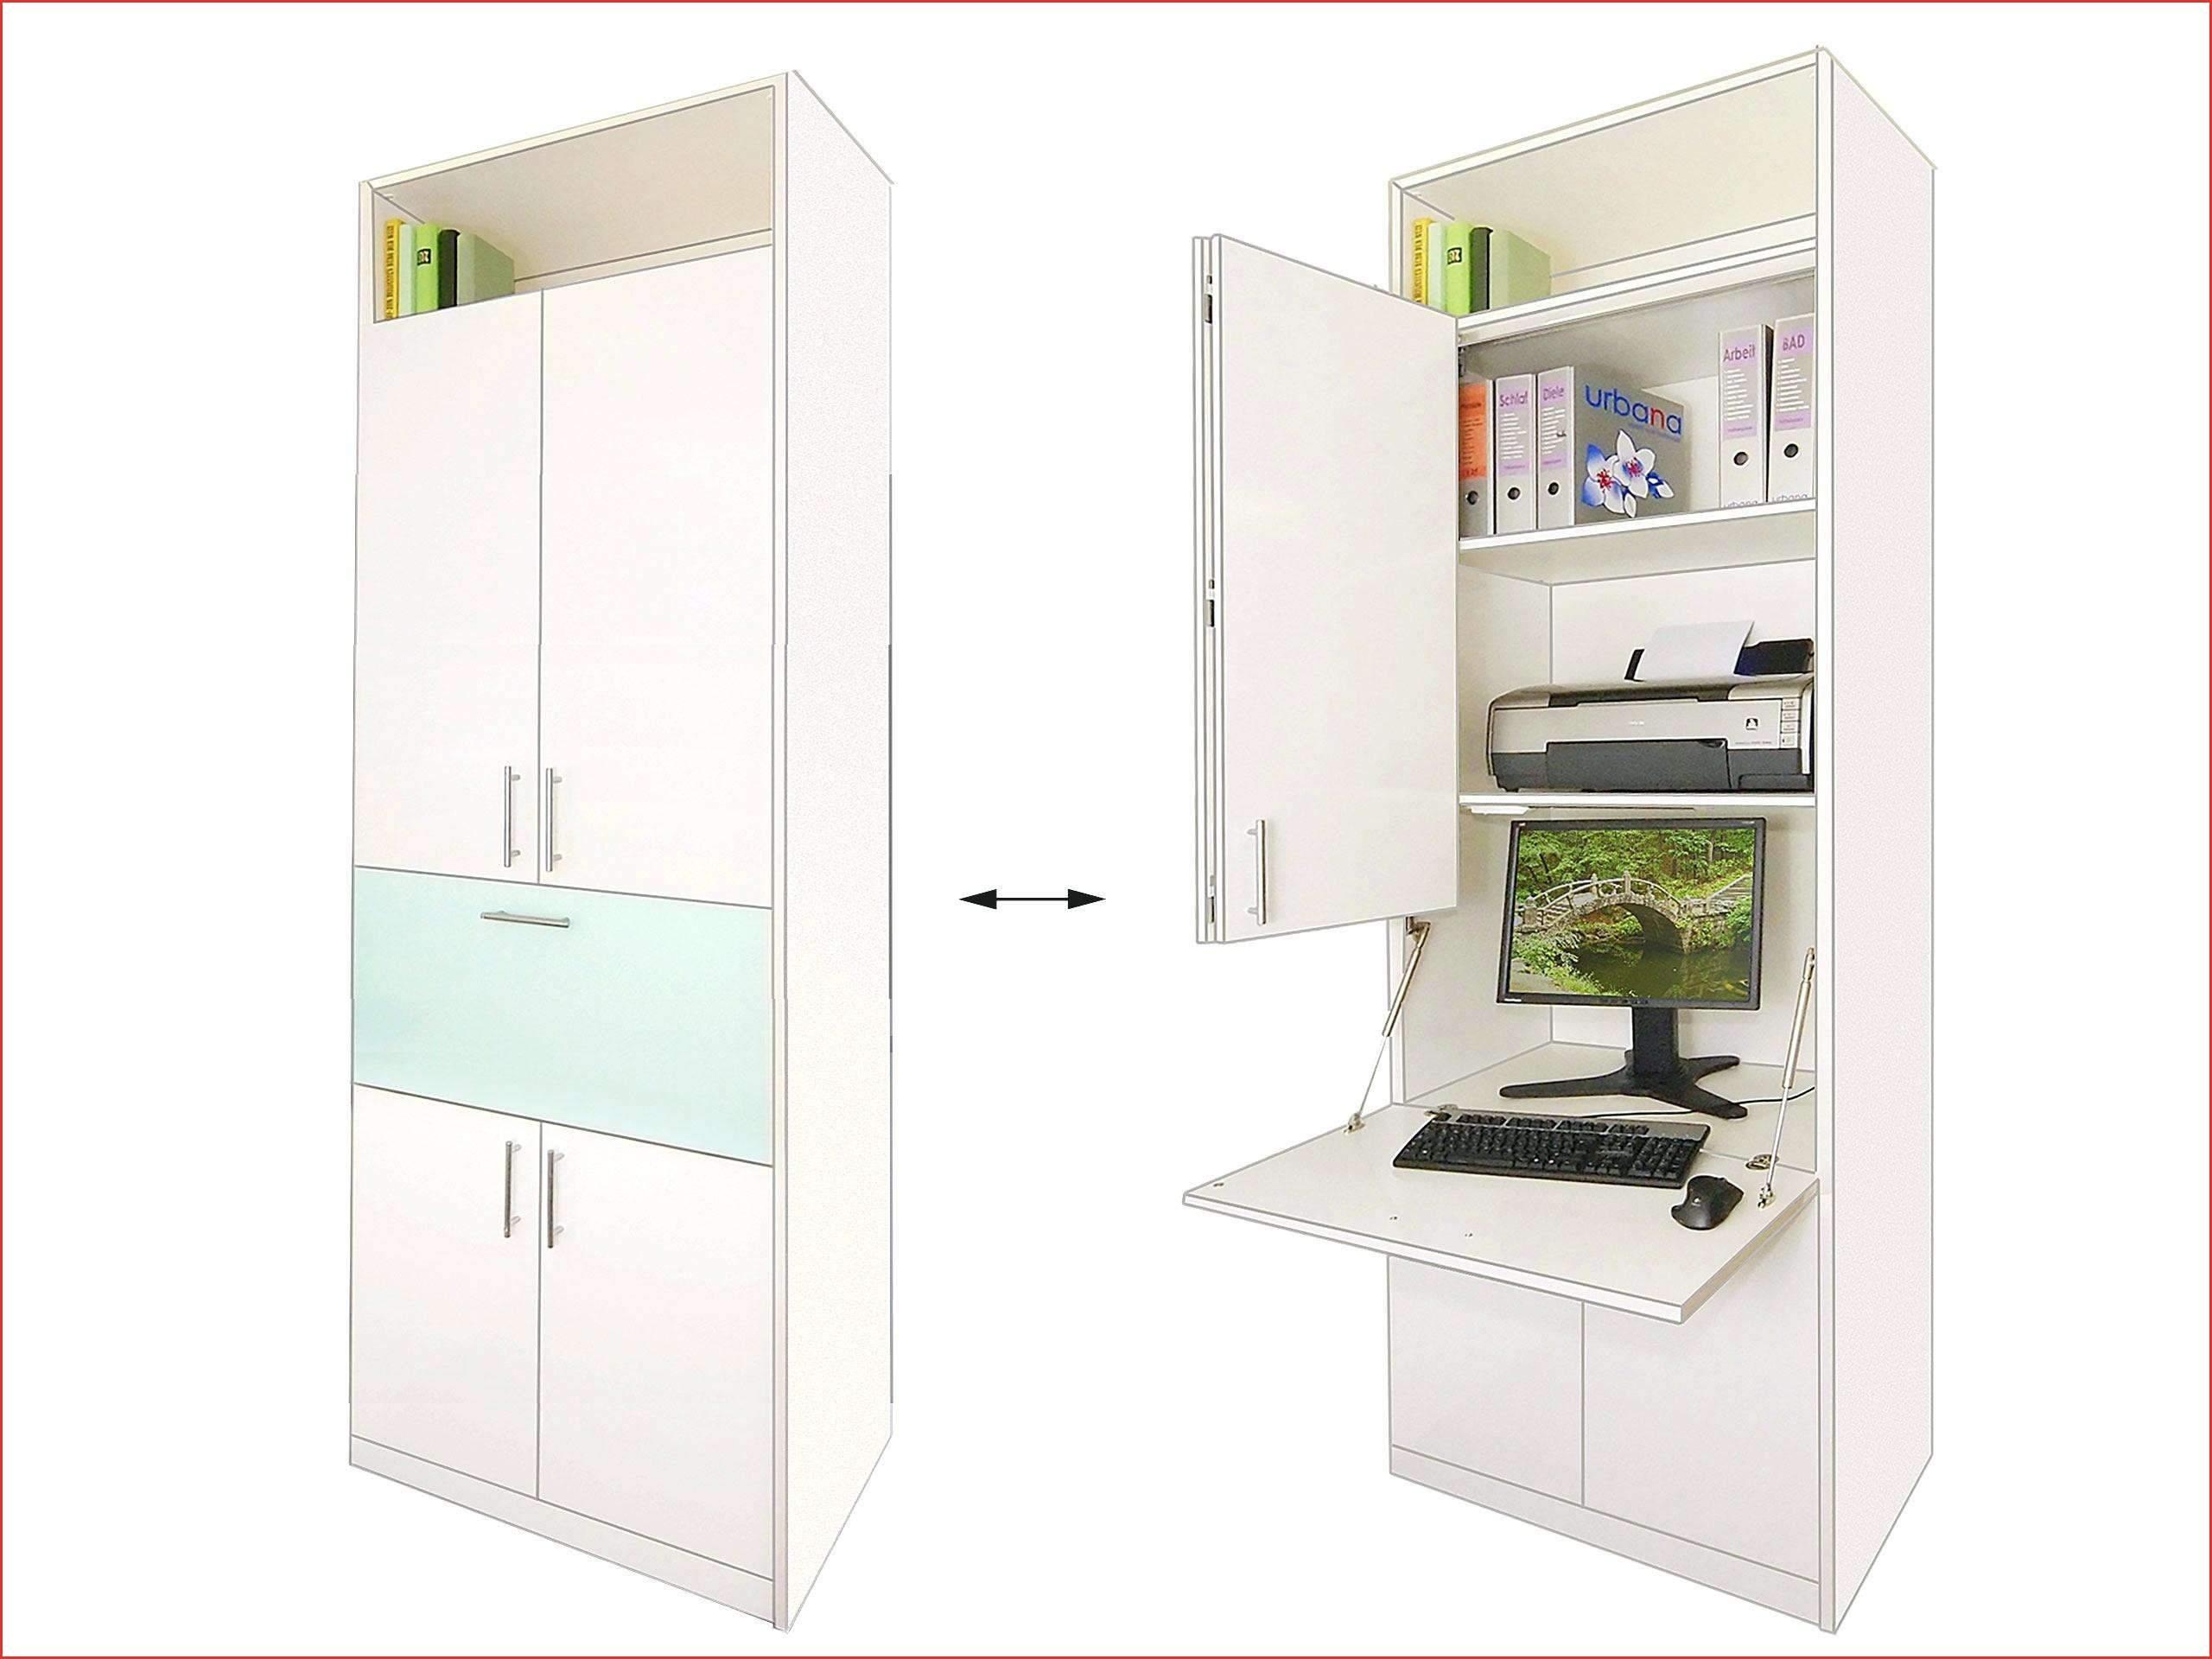 Full Size of Trennwand Ikea Wohnzimmer Inspirierend Schrank Metall Showdenota Küche Kosten Glastrennwand Dusche Modulküche Sofa Mit Schlaffunktion Garten Kaufen Betten Wohnzimmer Trennwand Ikea